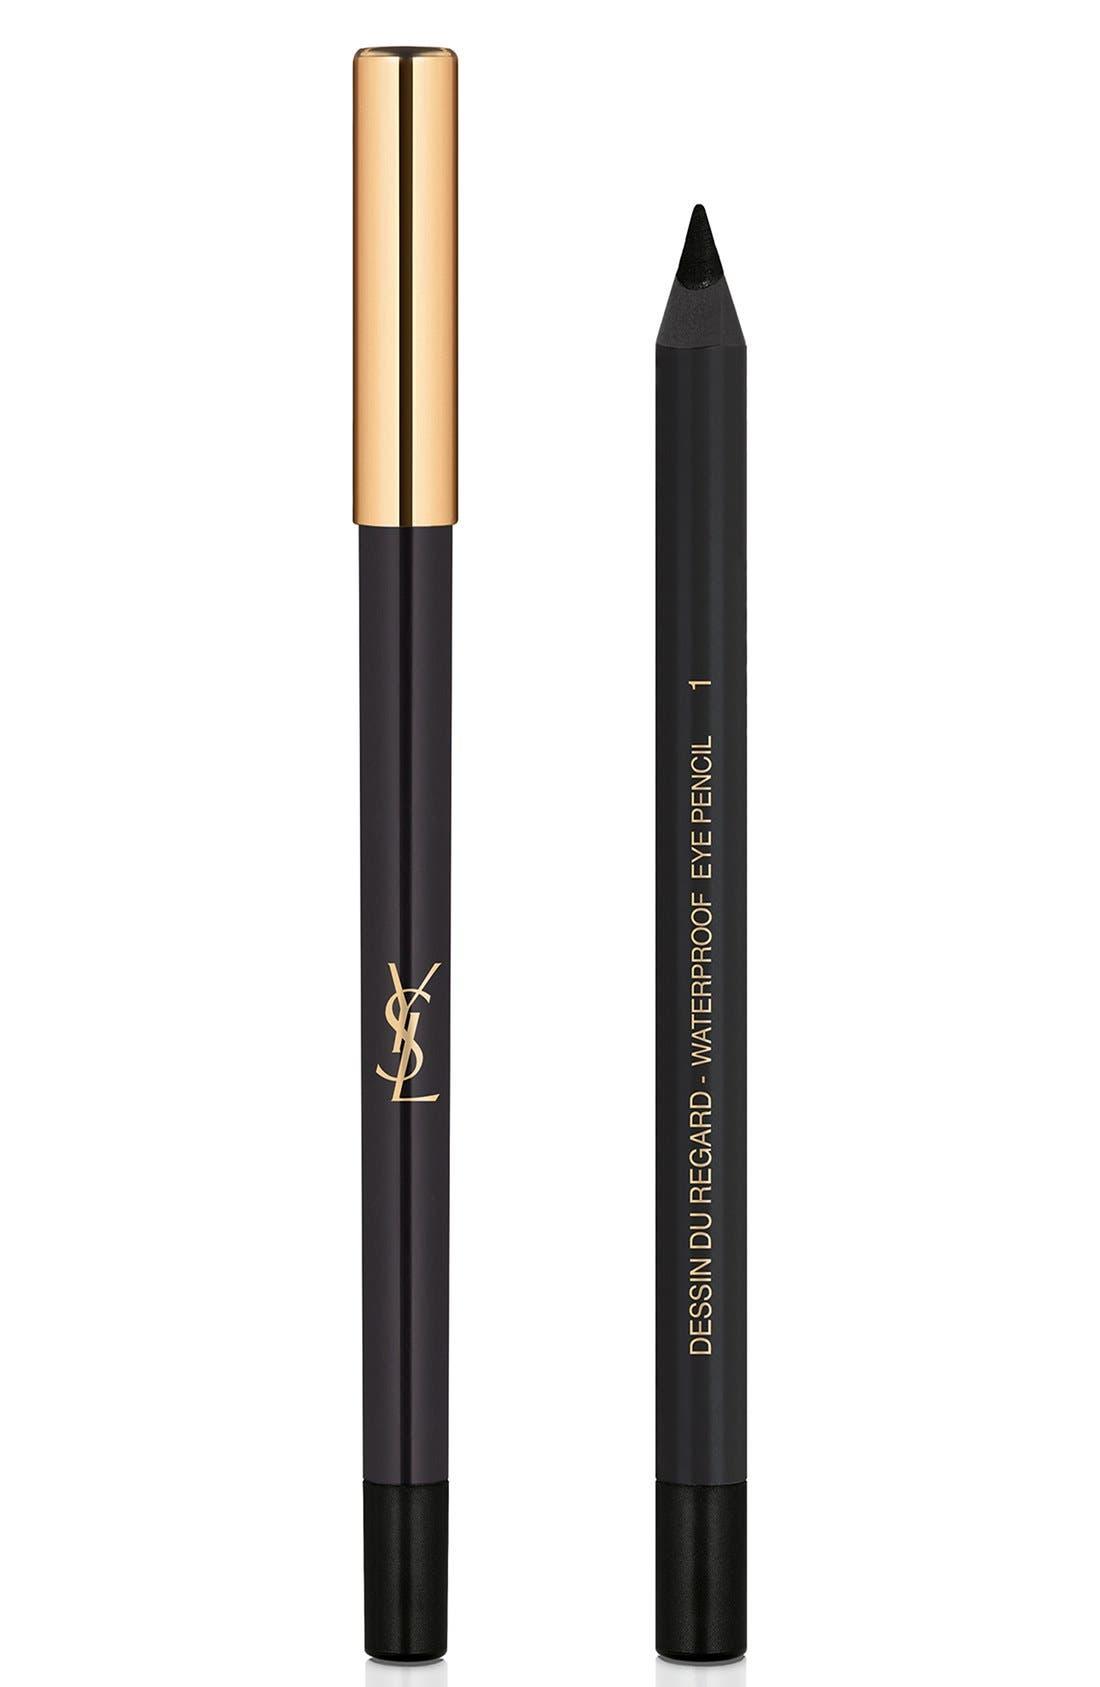 Yves Saint Laurent Dessin Du Regard Waterproof Eyeliner Pencil - 01 Black